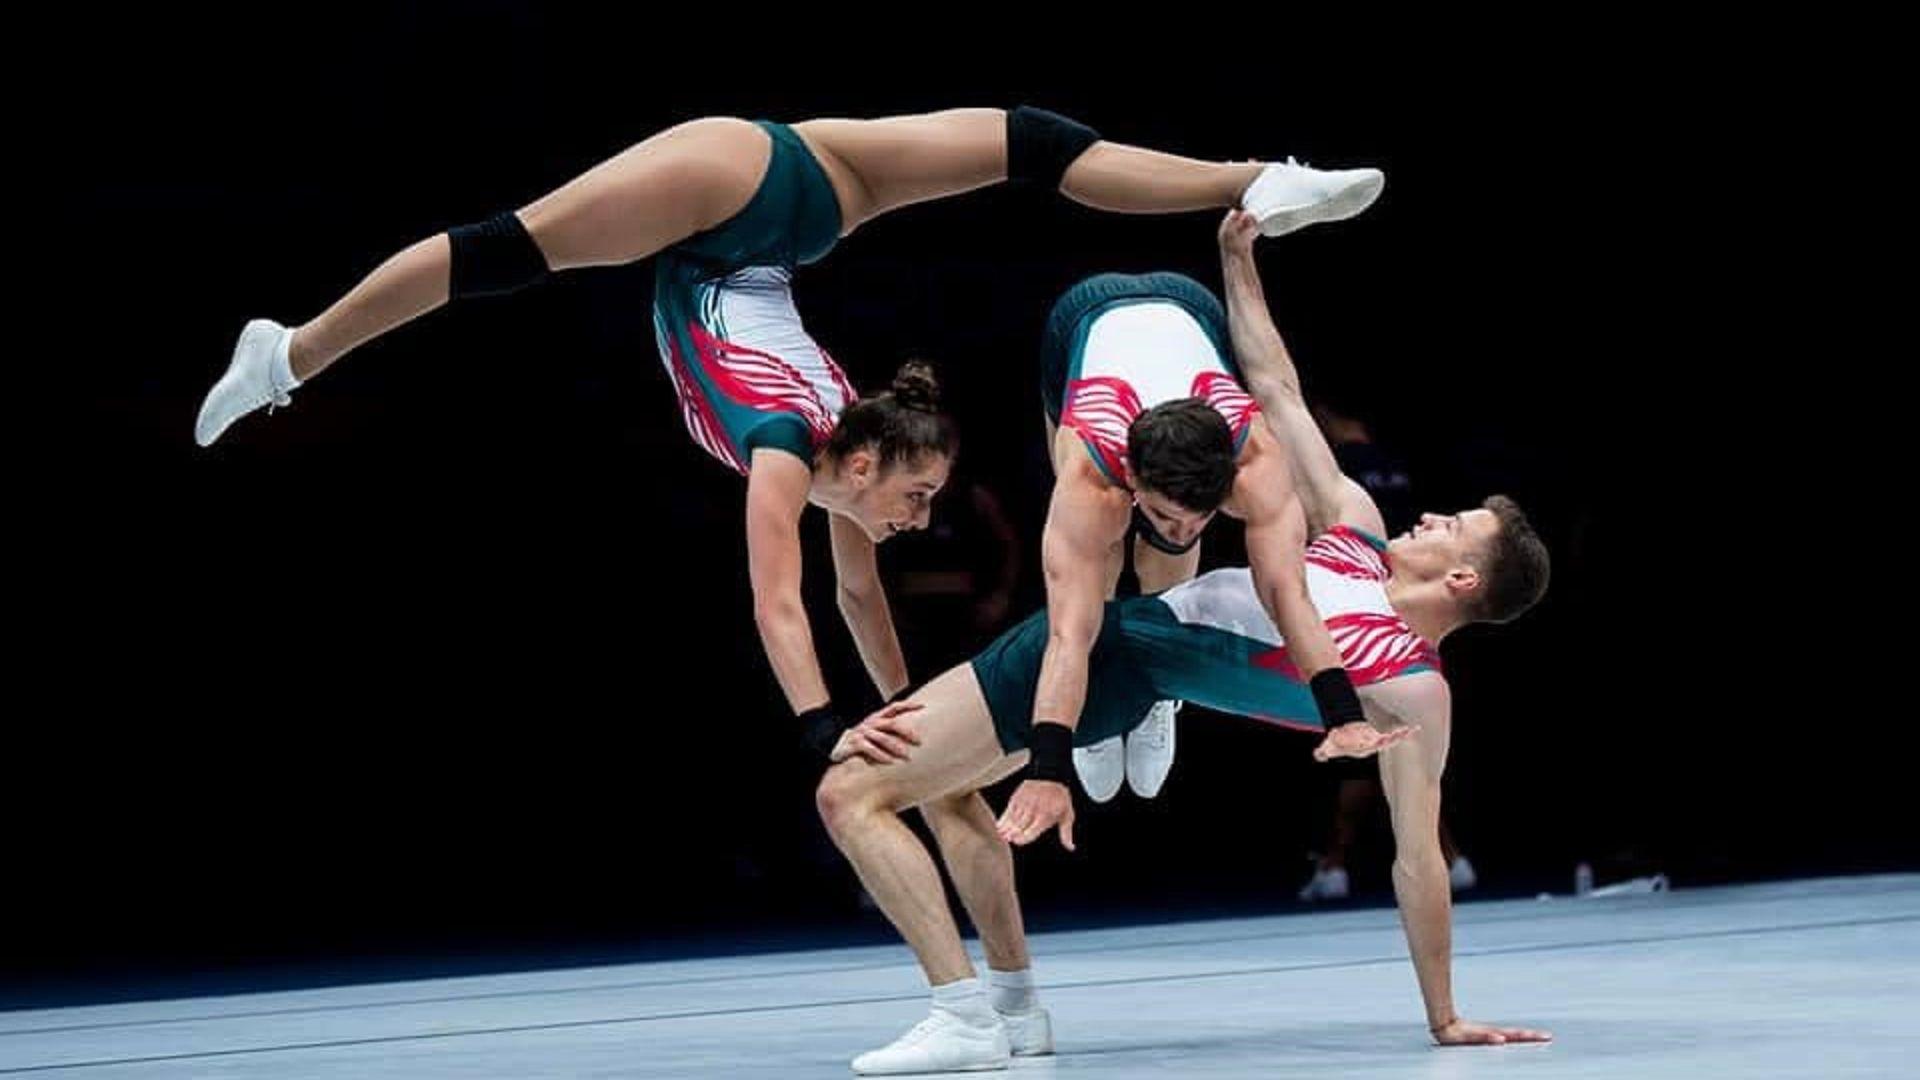 България отново е световен шампион в спортната аеробика